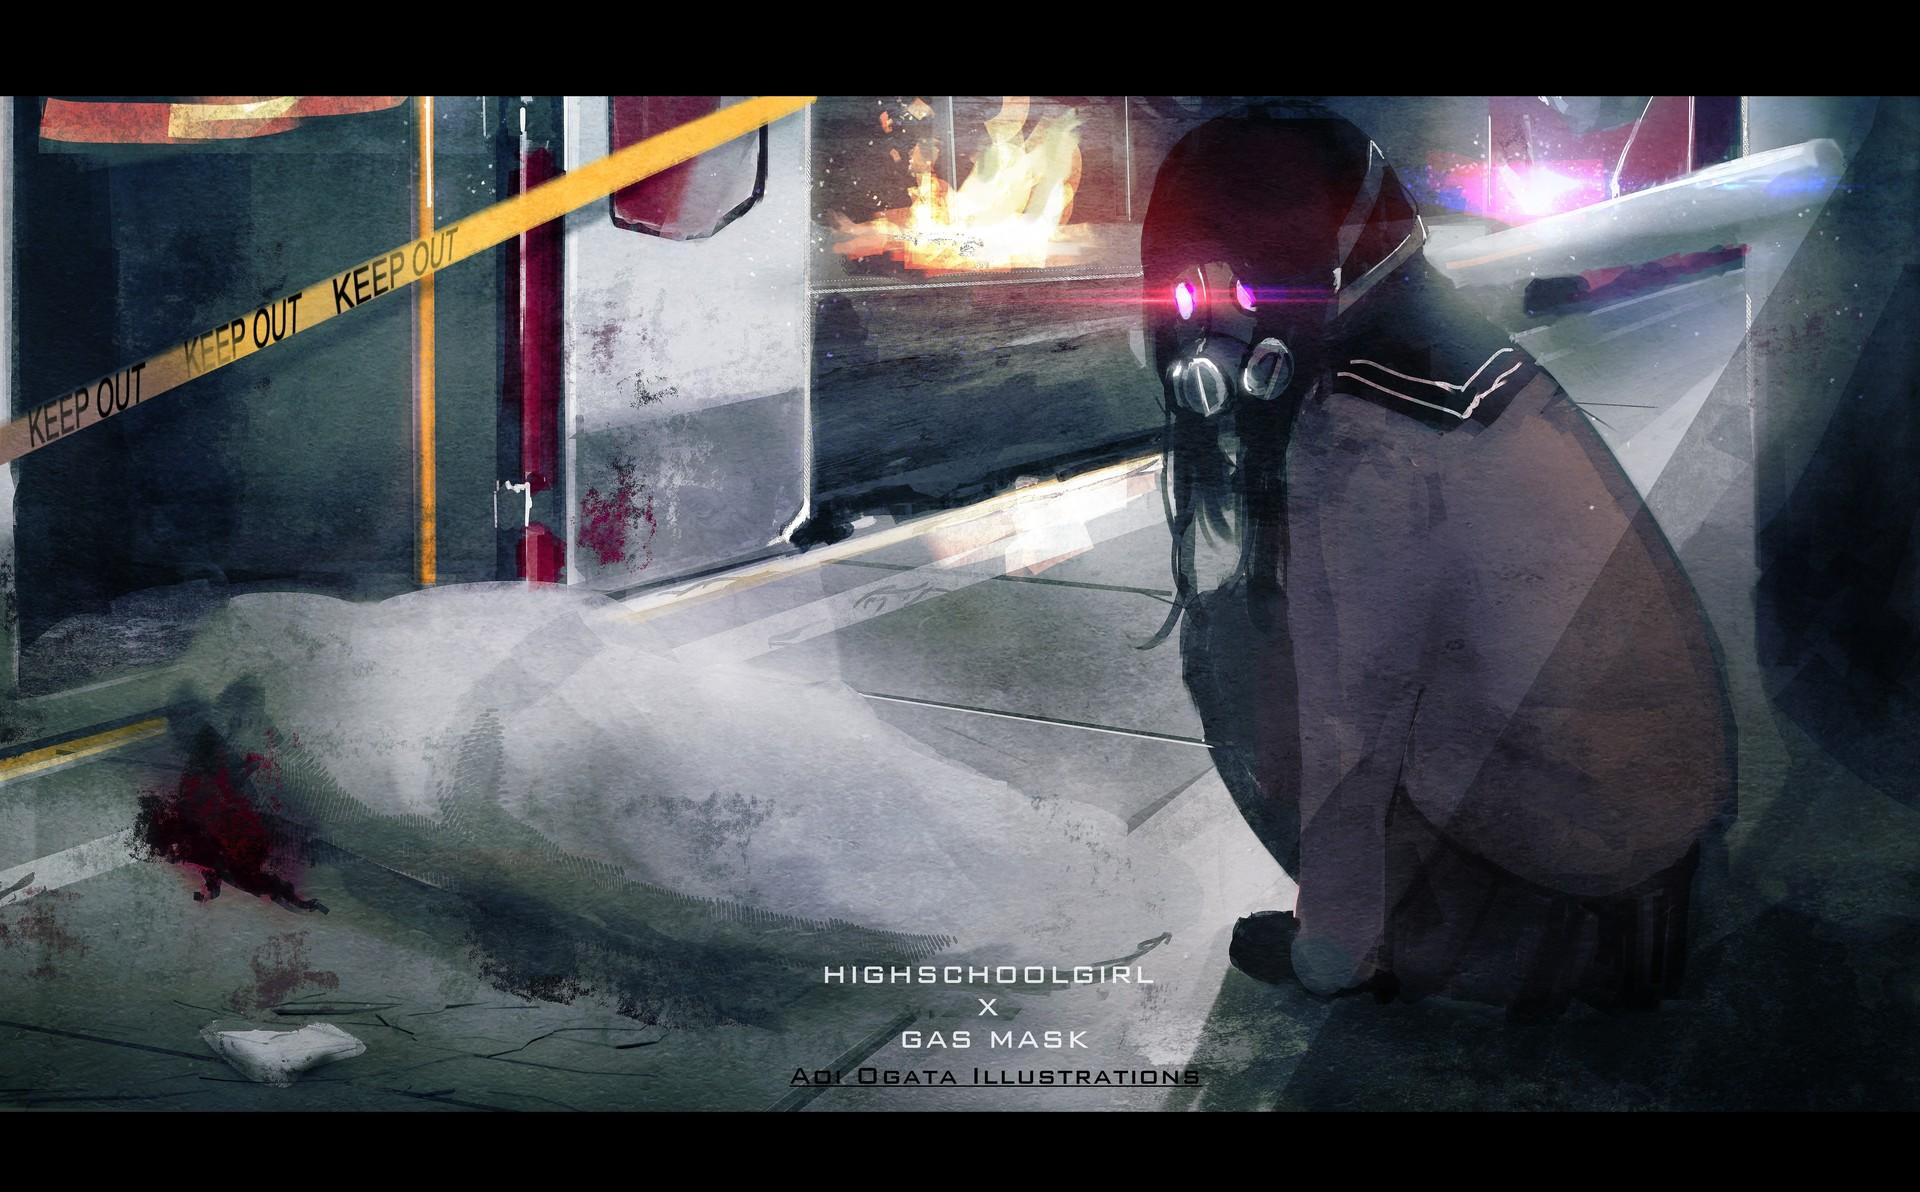 Bad Girl Anime Wallpaper Artstation Highschool Girl X Gas Mask Aoi Ogata